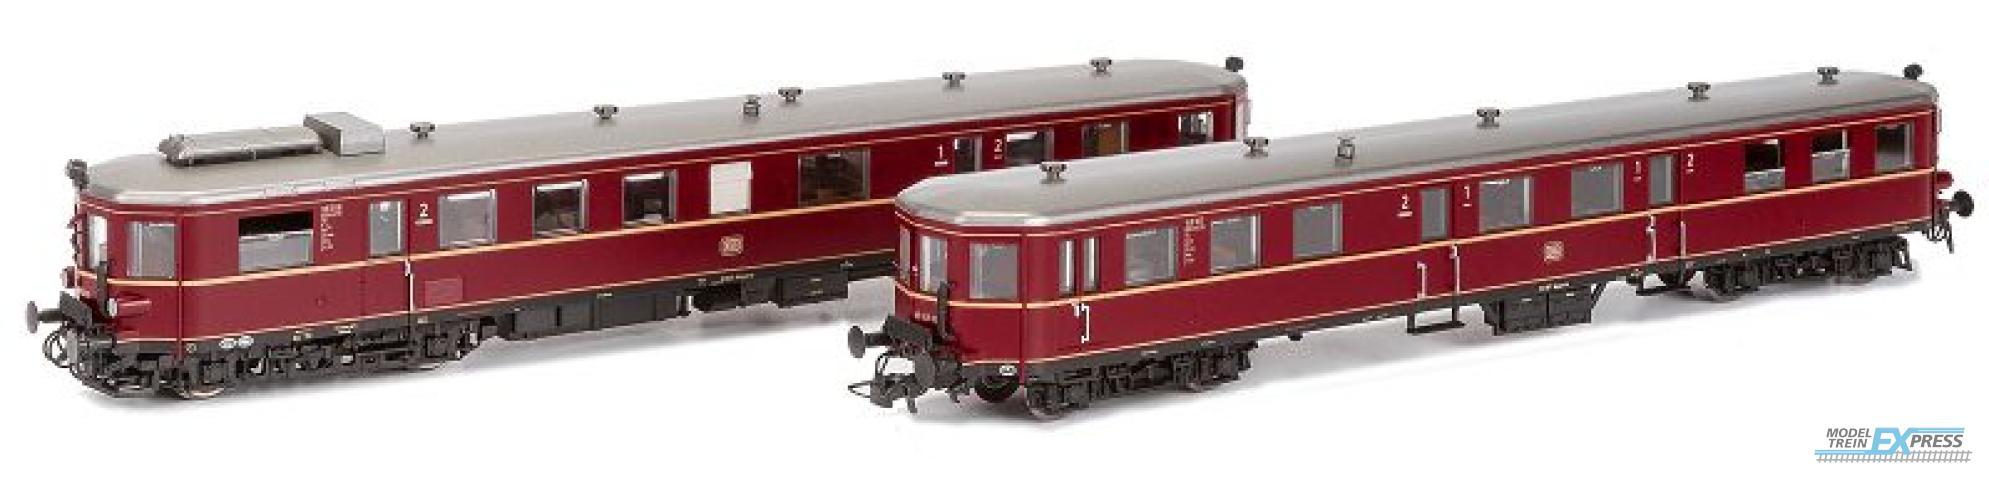 Hobbytrain 303800S